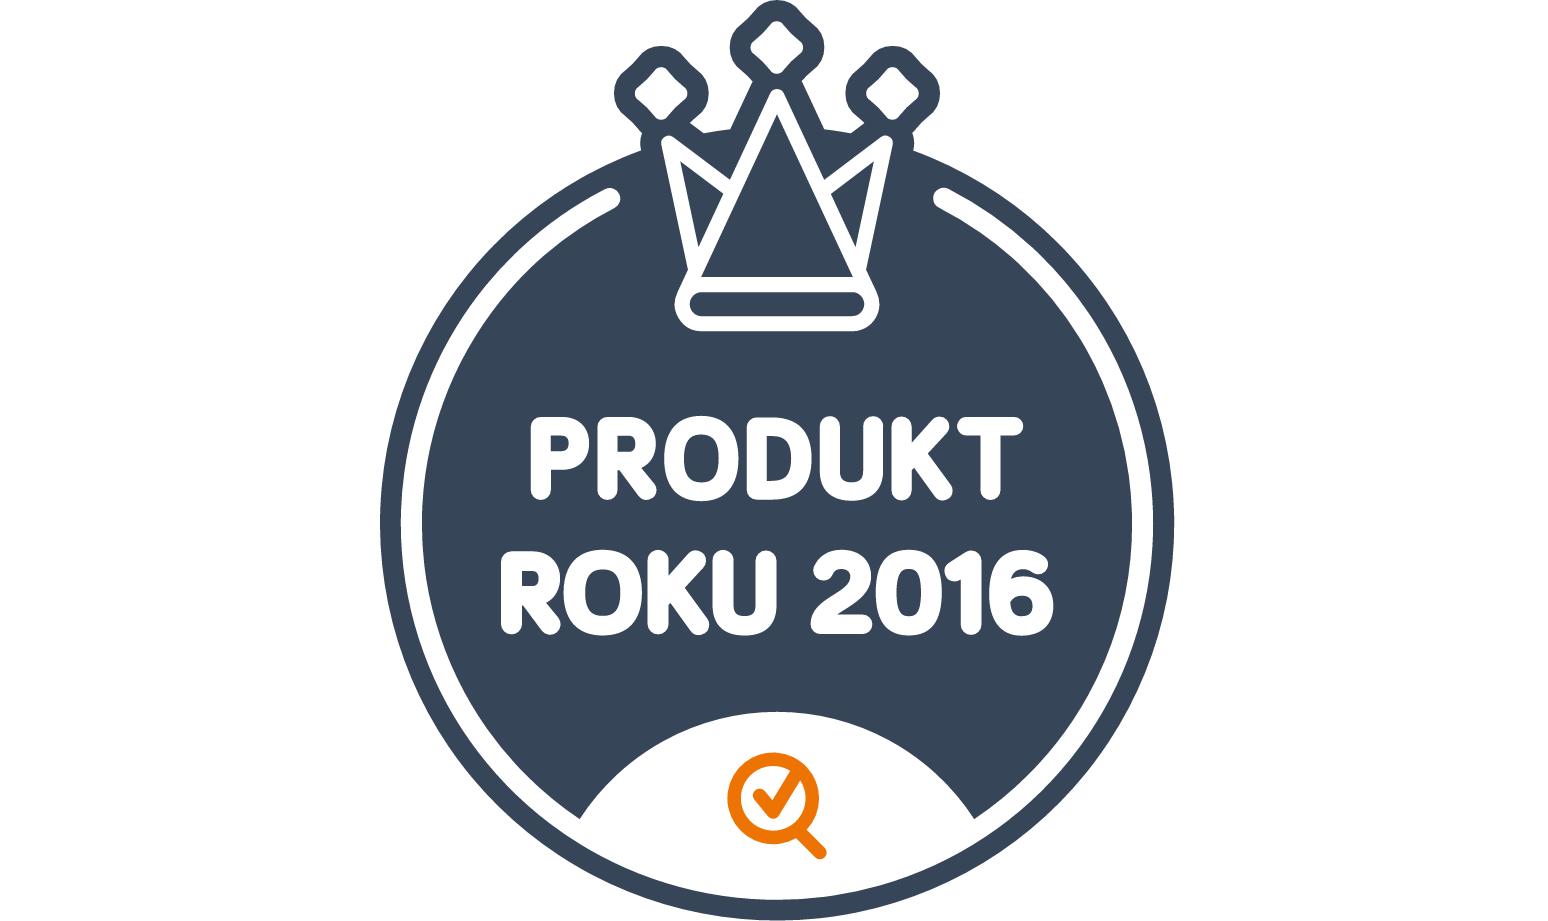 Nejprodávanější elektronice za loňský rok dominovalo Xiaomi, vyhrálo několik kategorií